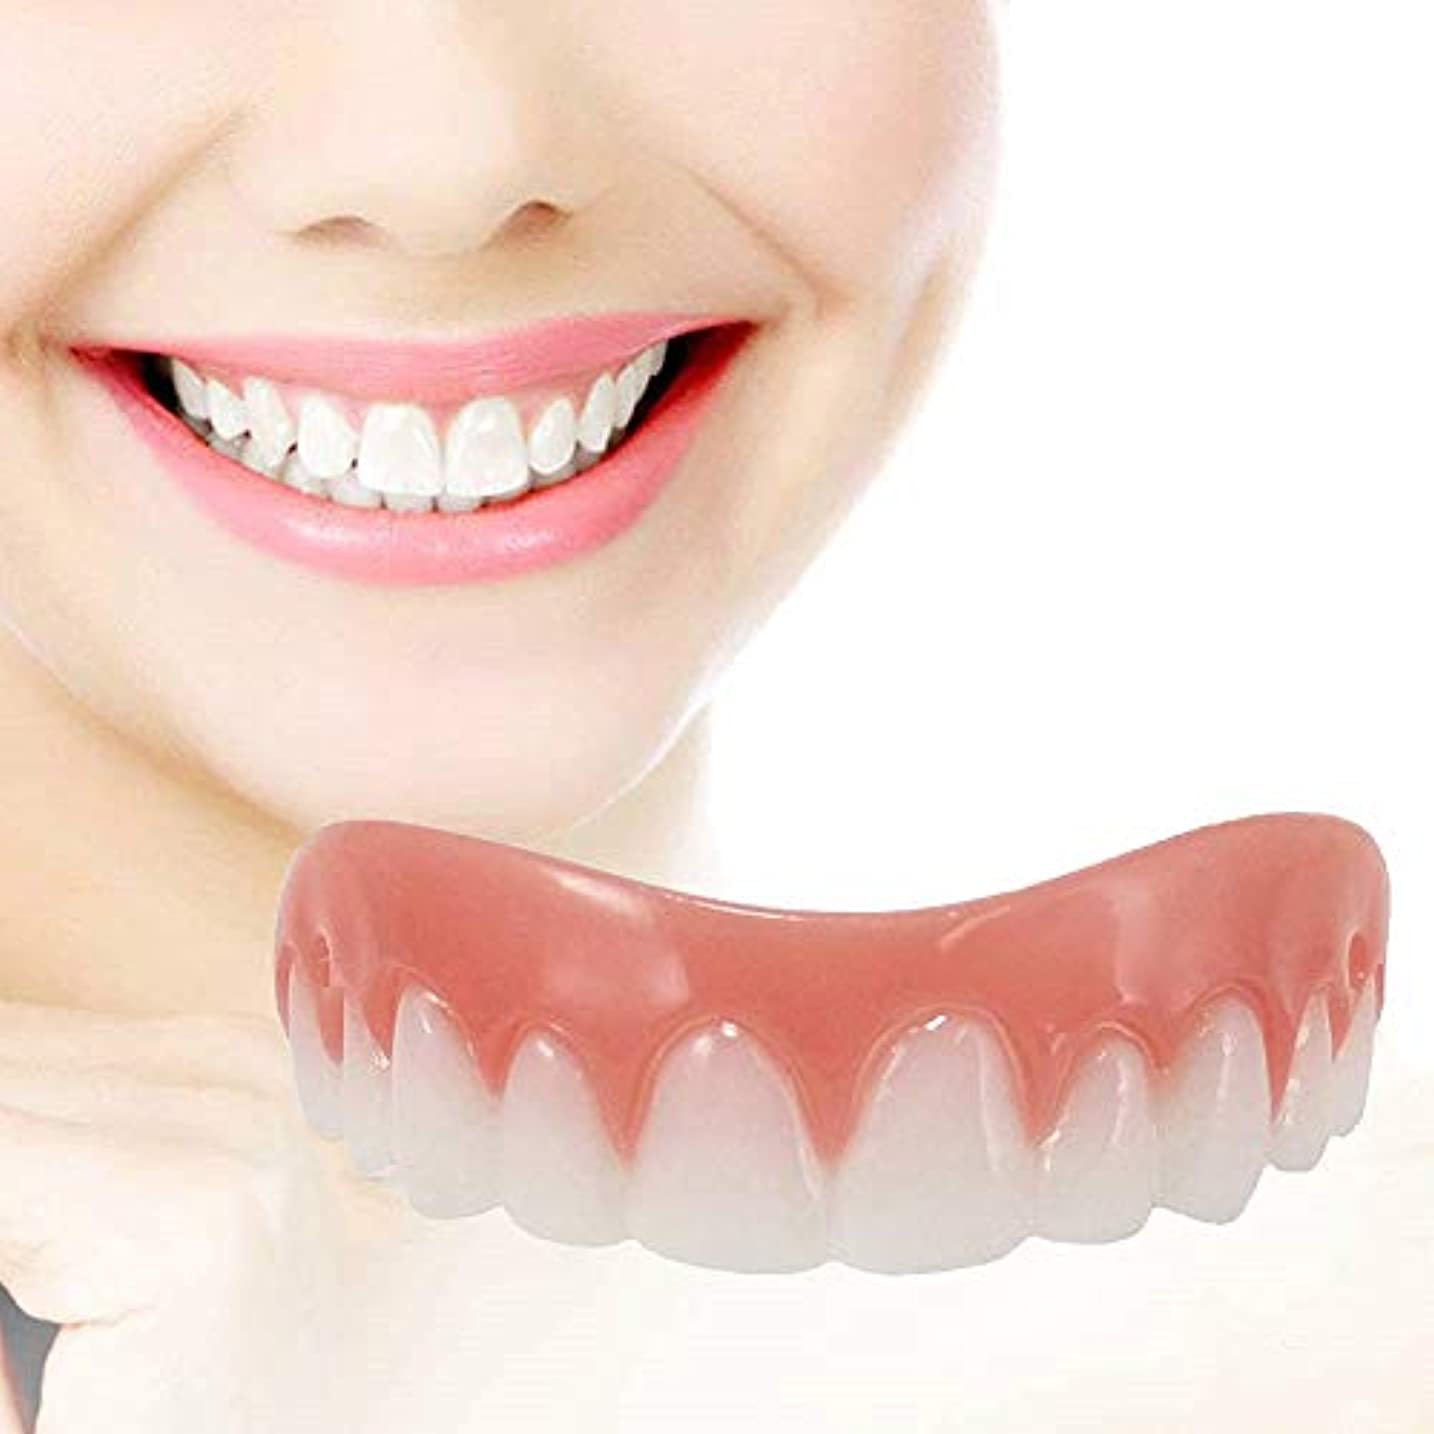 シアー言う悲劇的な女性、人のために白くなる即刻のベニヤの義歯の微笑の慰めの適合の屈曲の化粧品の偽歯